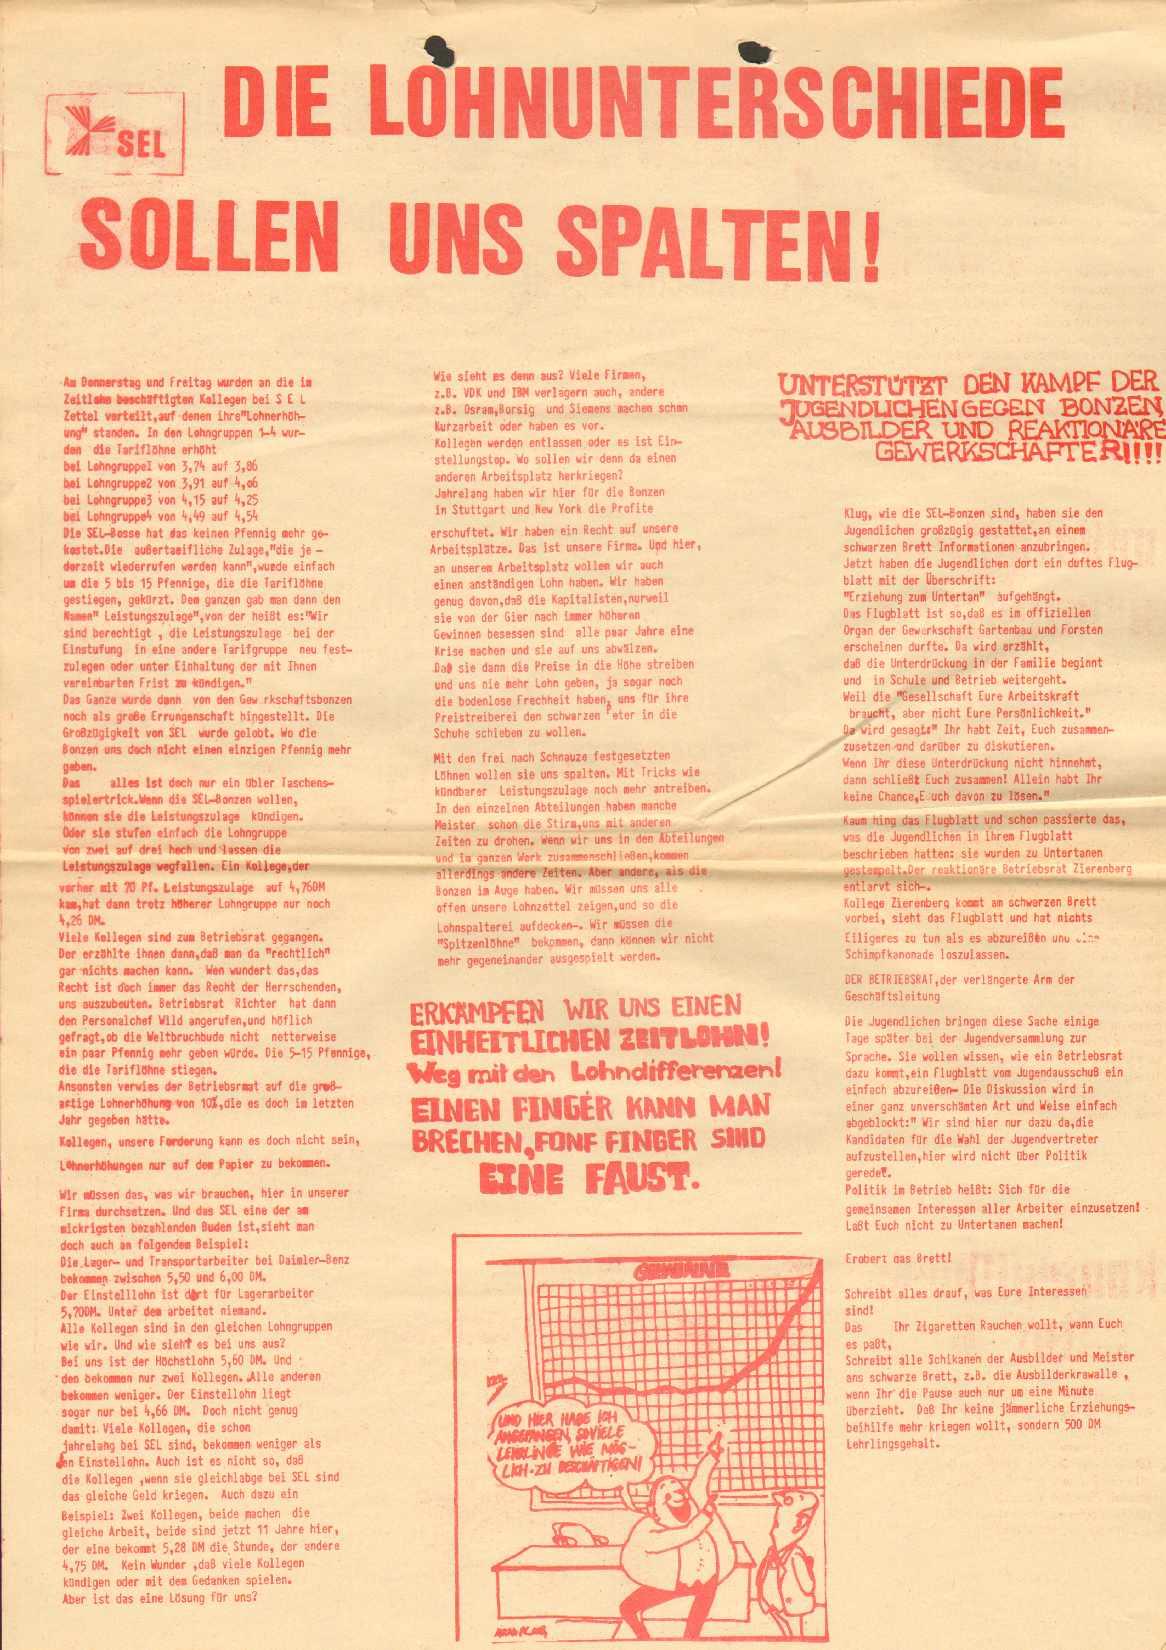 Berlin_Fritz_Werner002